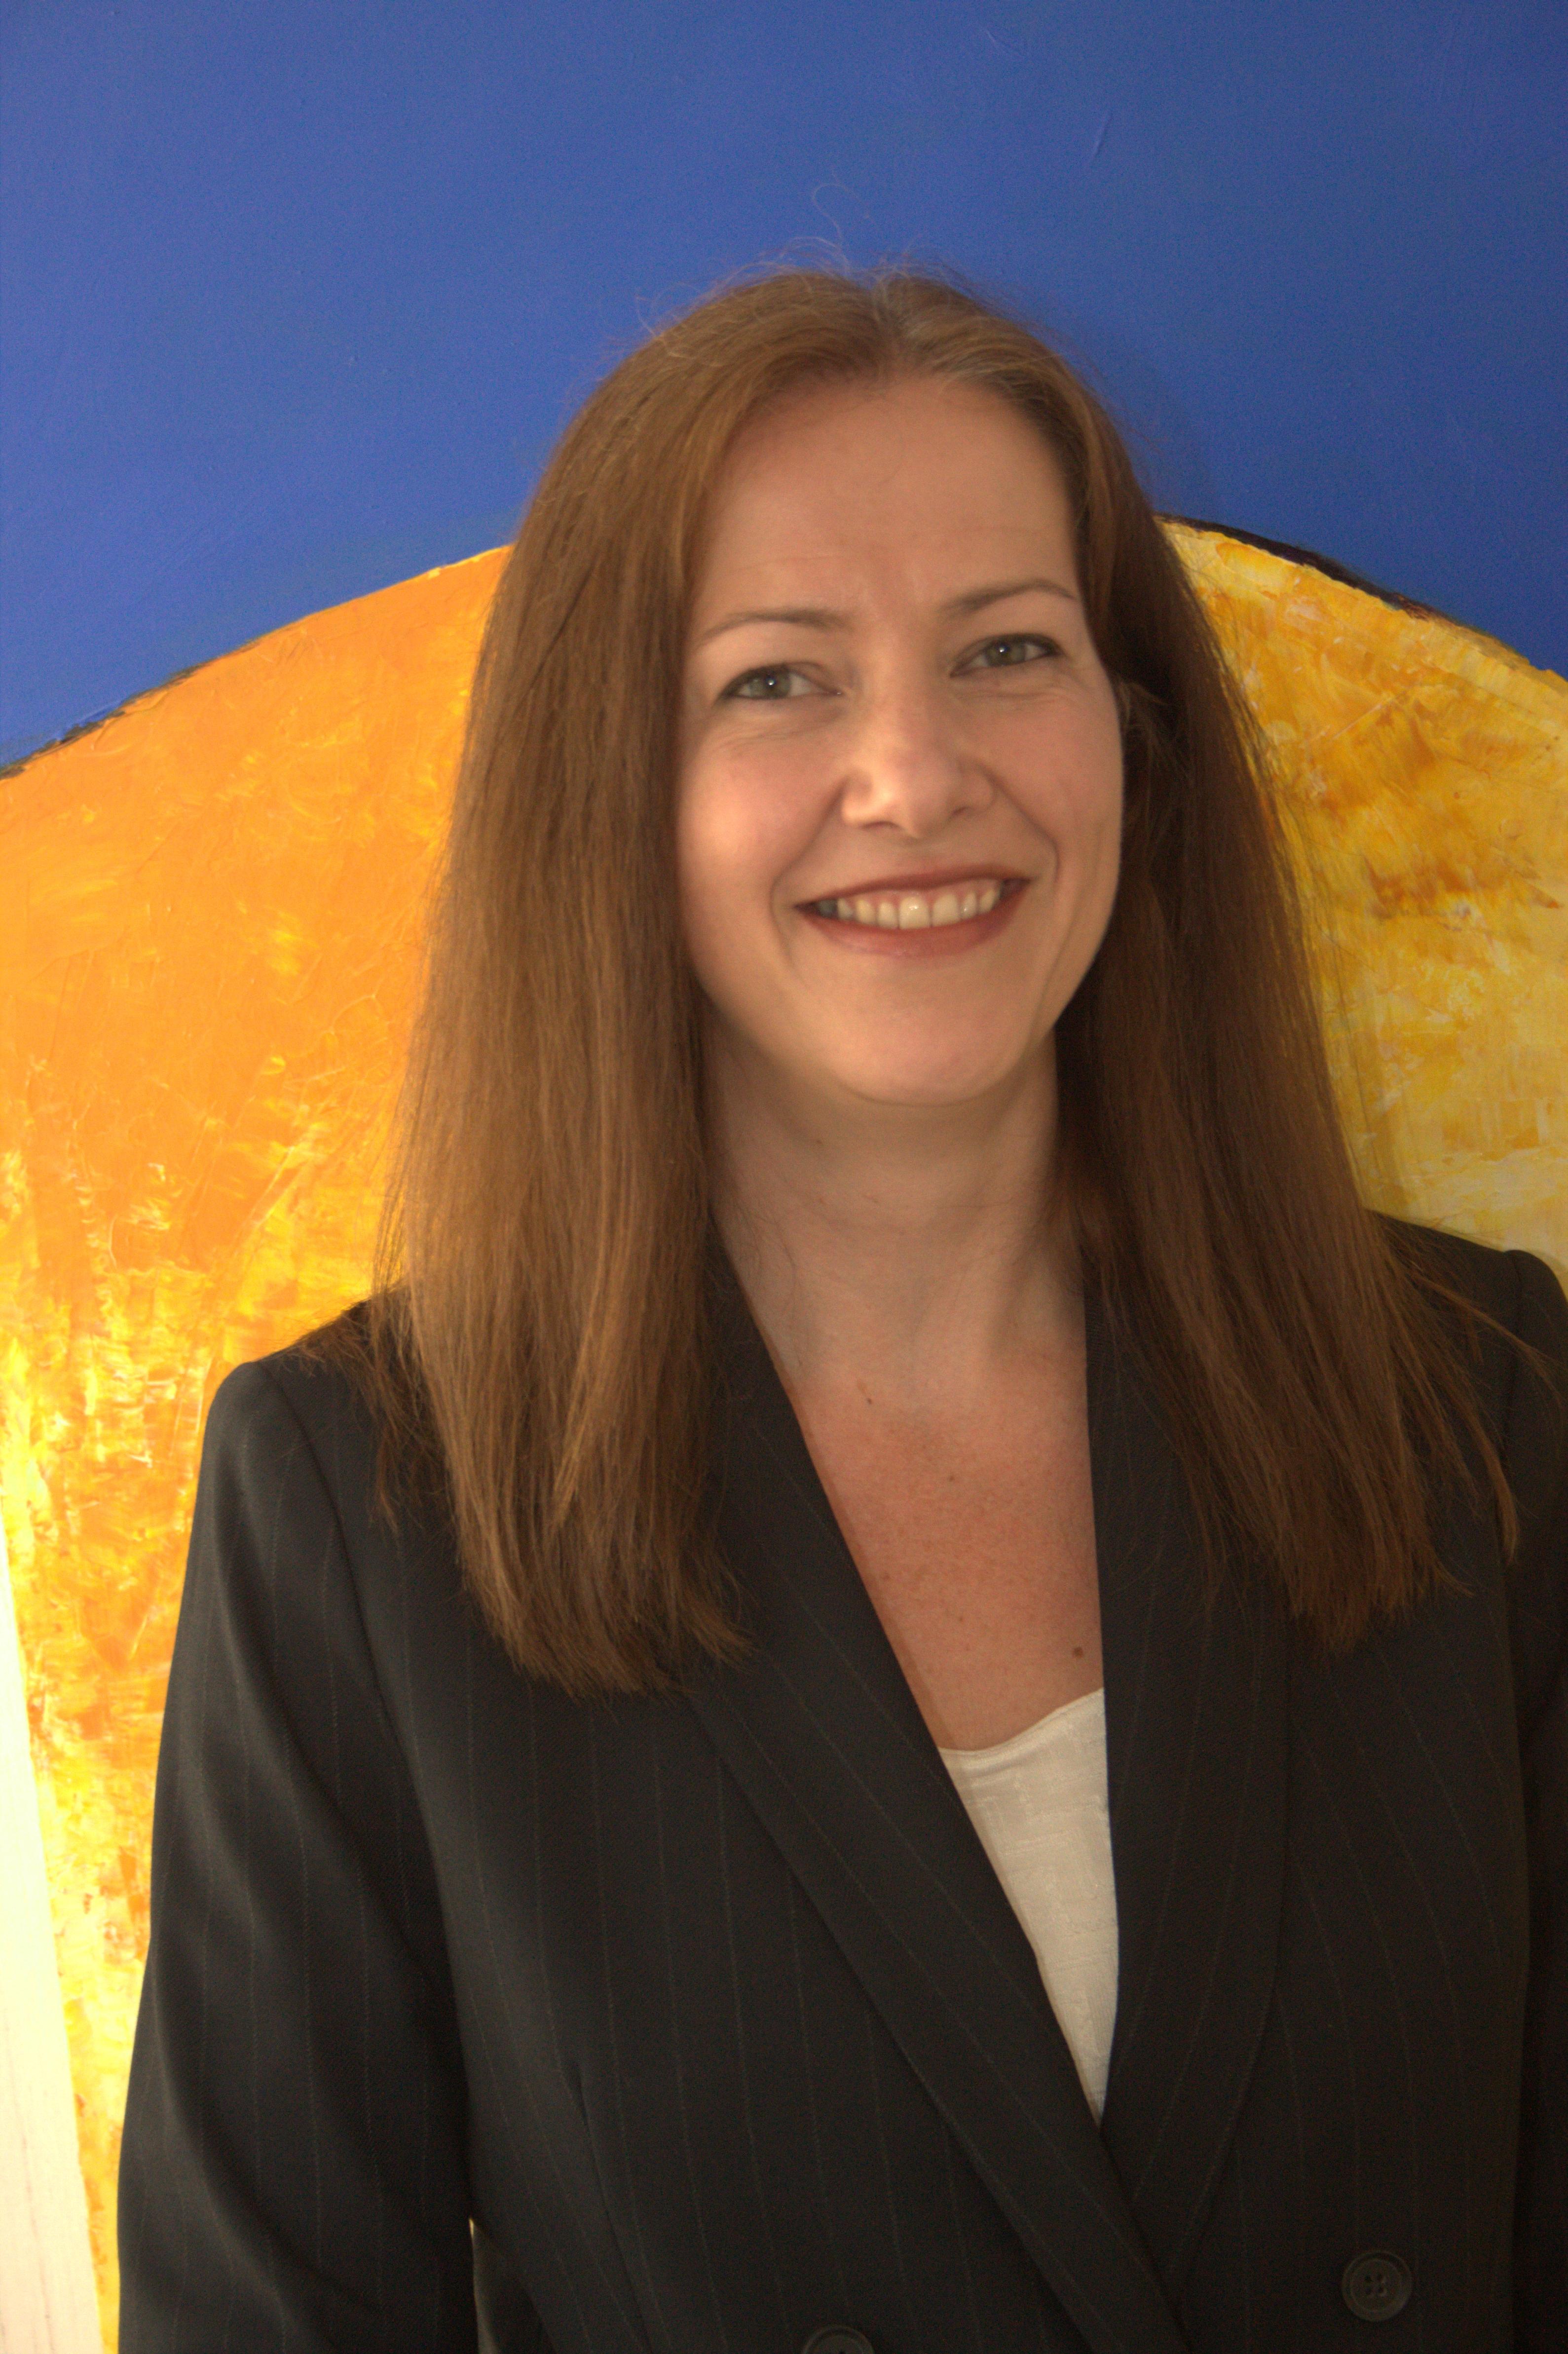 Claire Stretton